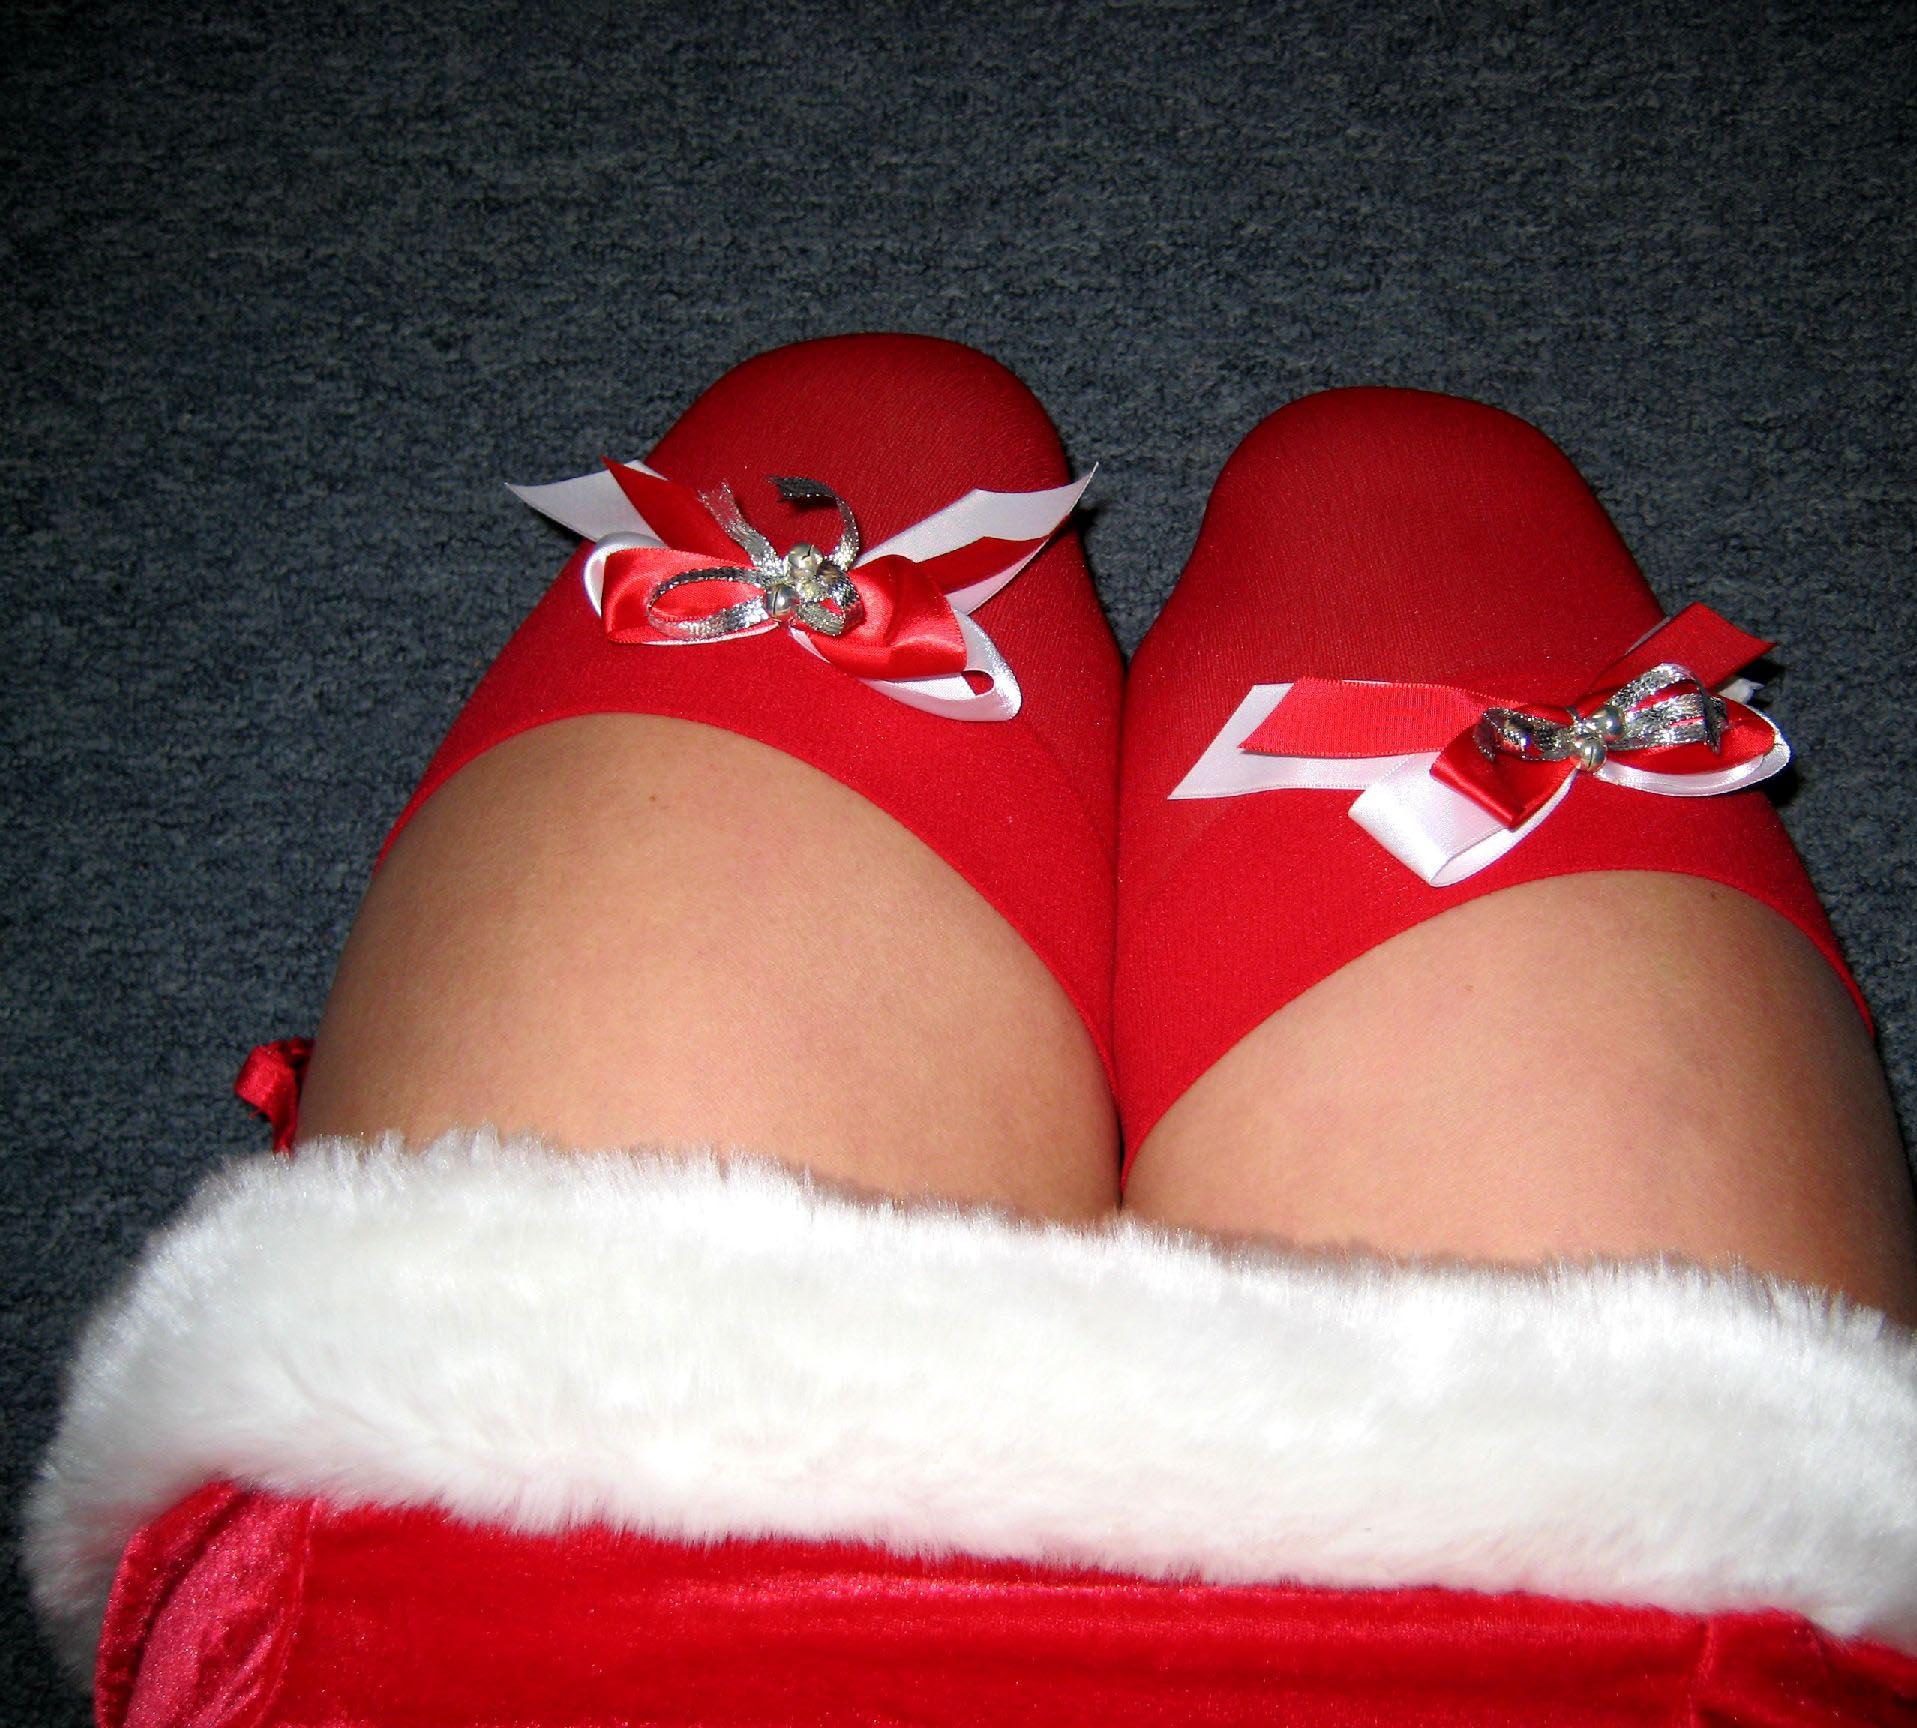 big-boobs-amateur-exgirlfriend-santa-xmas-nude-09